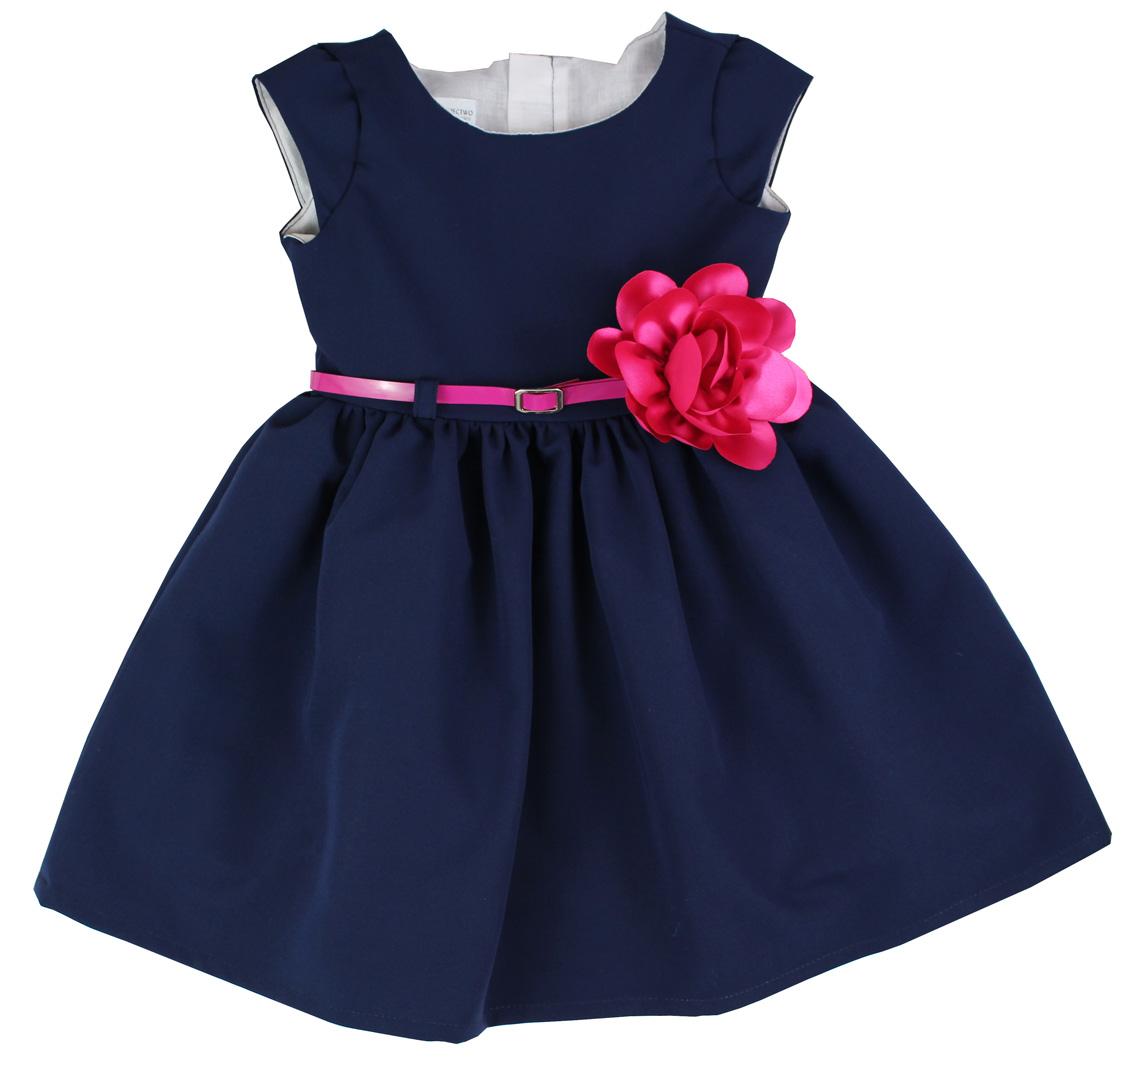 4049d1f479 ŚLICZNA SUKIENKA WIZYTOWA dla dziewczynki r.74 - 6974743992 ...